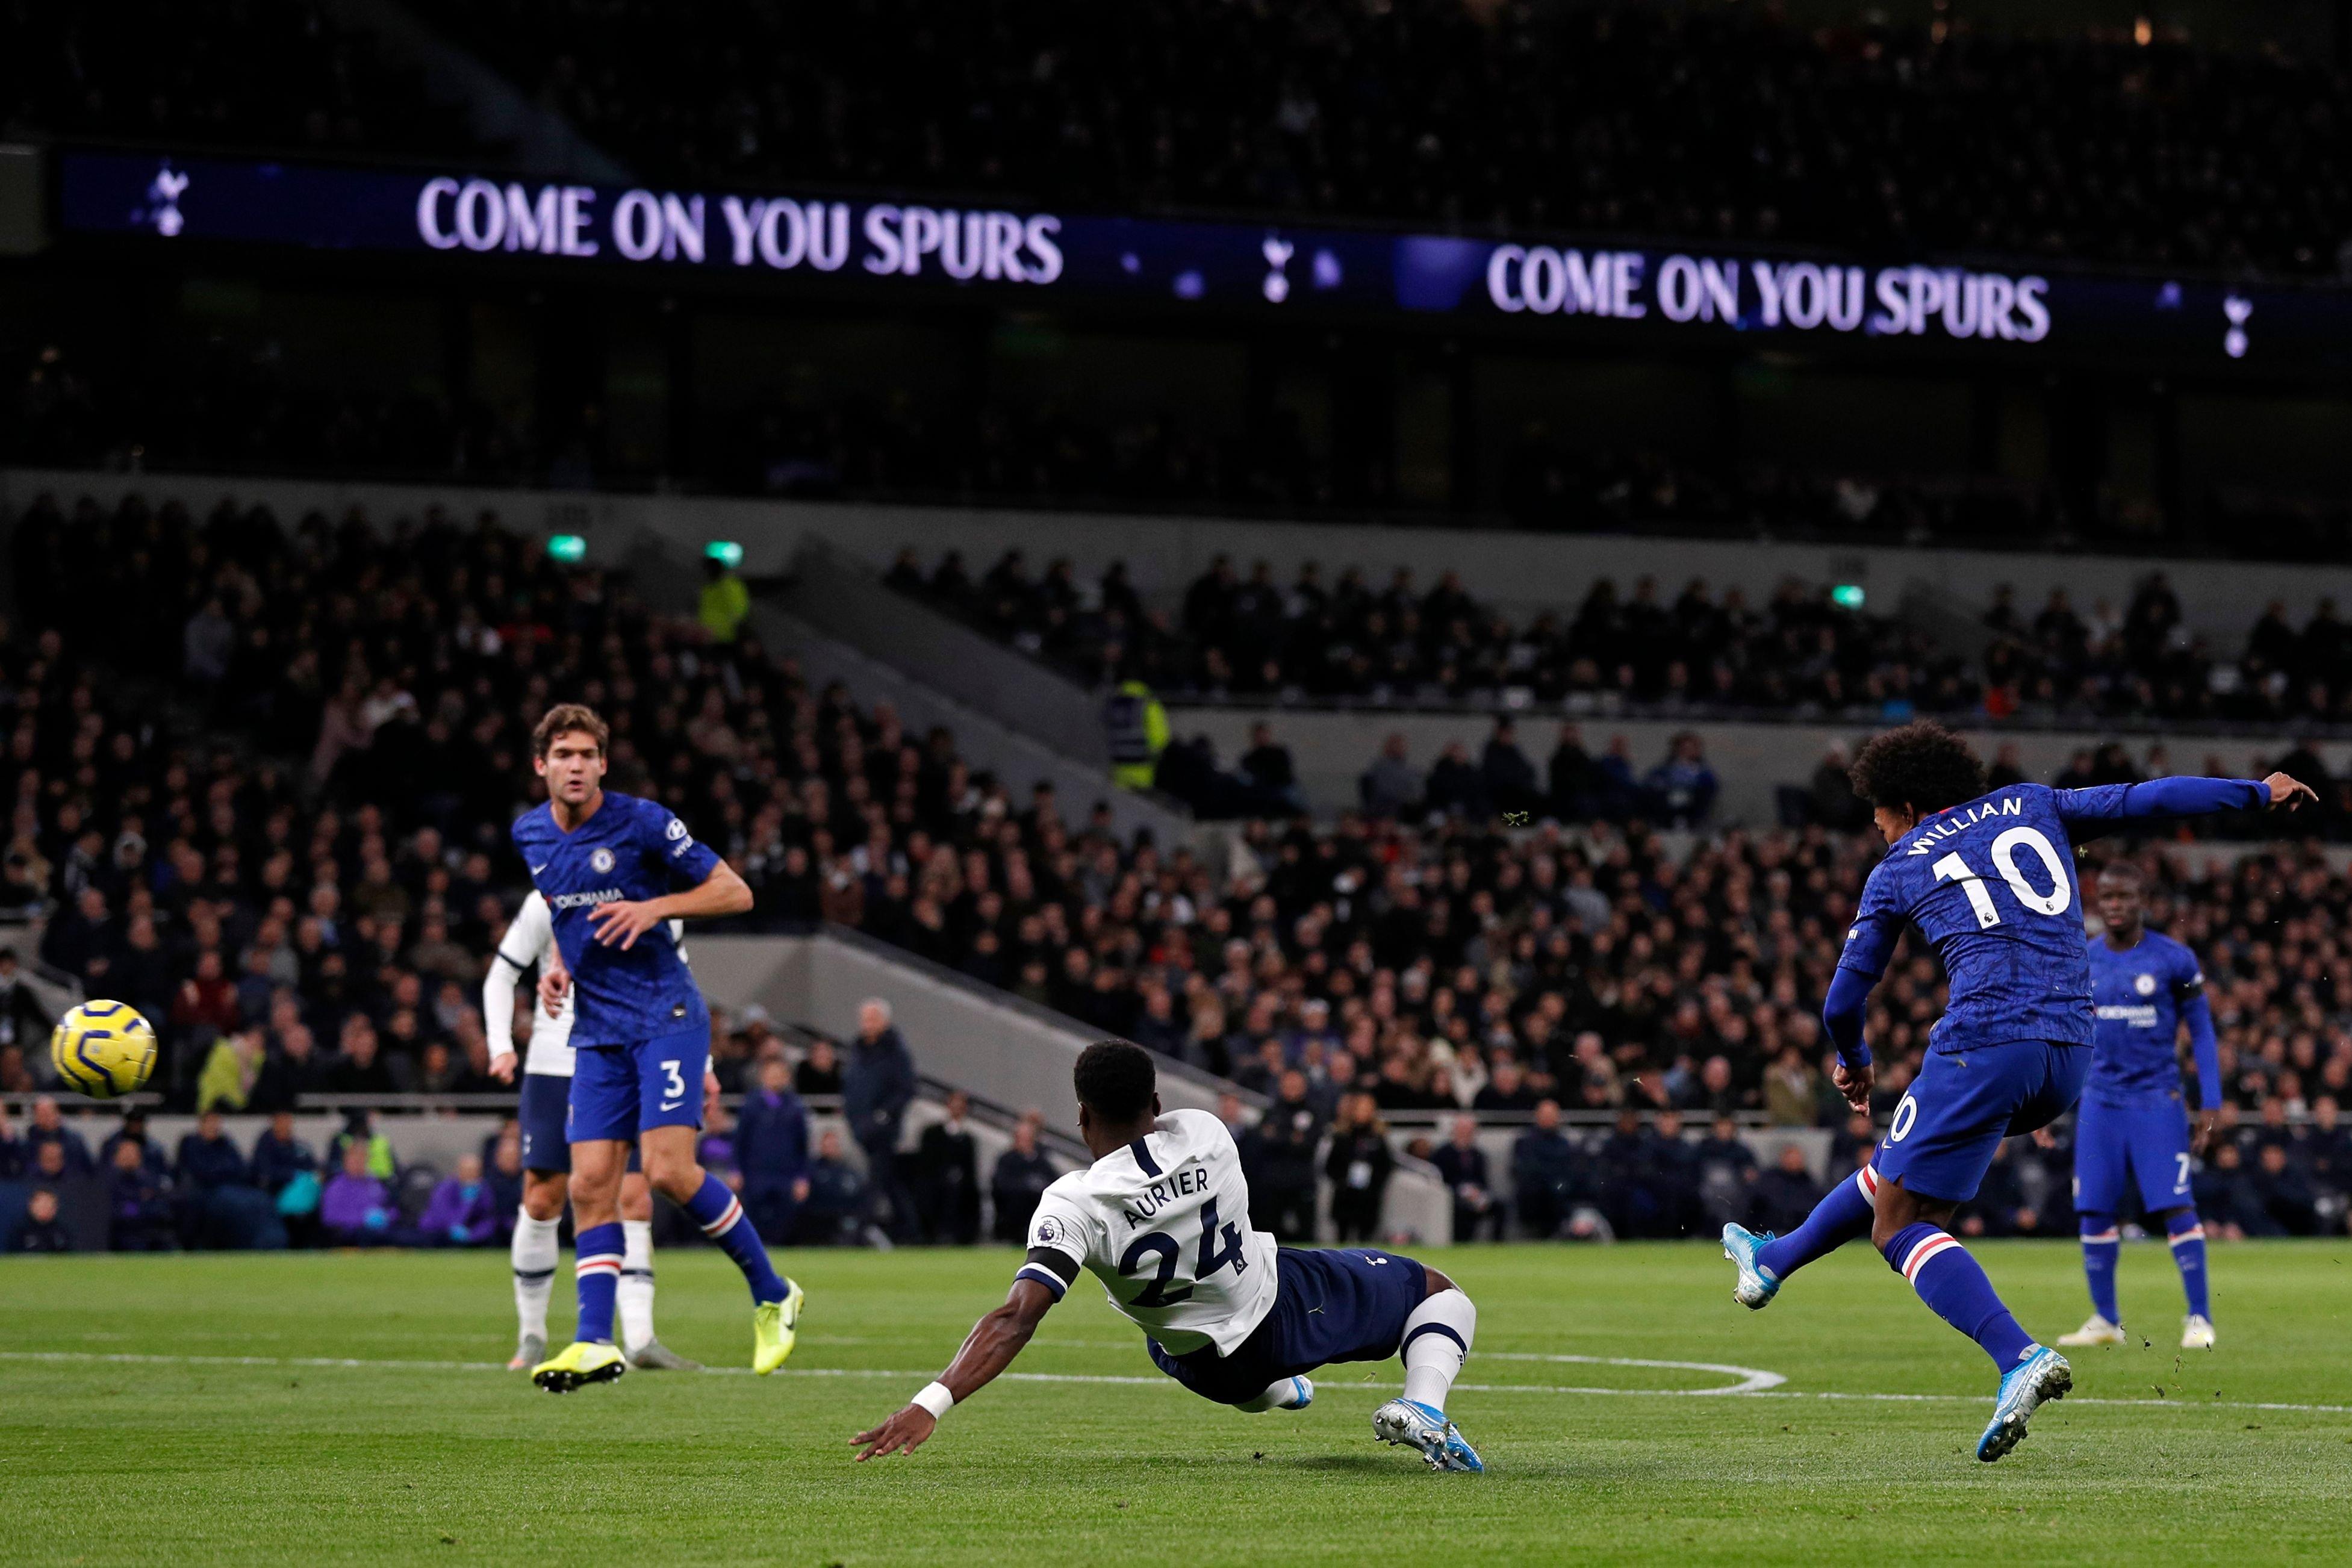 Трансляция футбола Тоттенхэм - Челси смотреть онлайн 29.09.2020